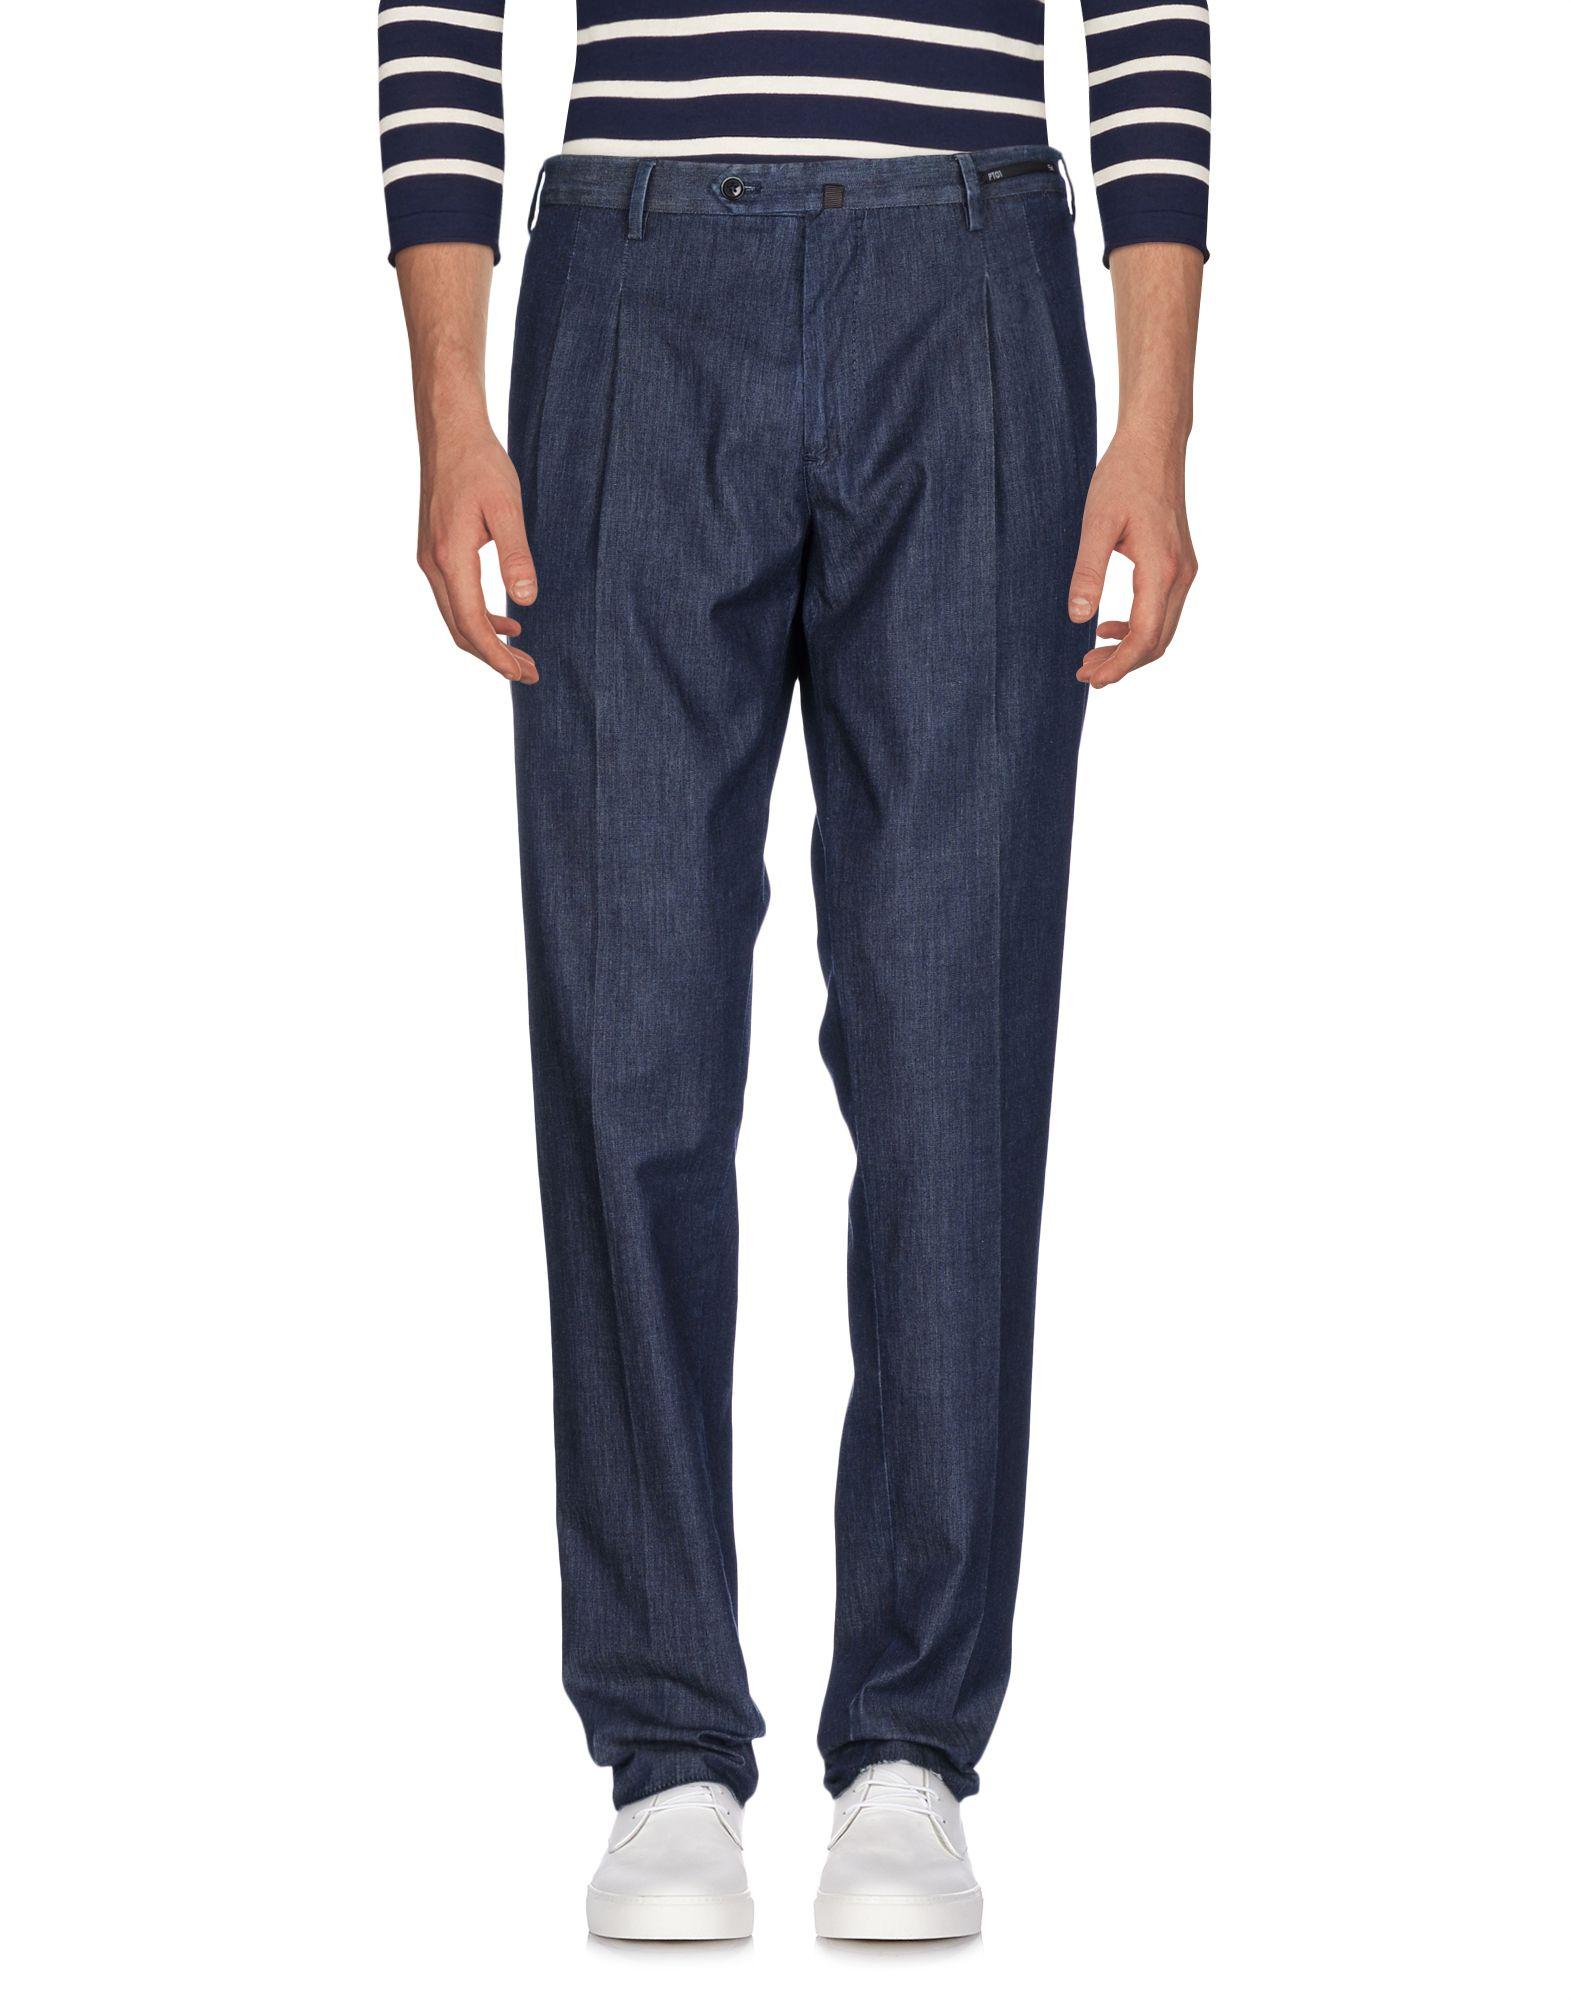 Pantaloni Jeans Jeans Jeans Pt01 Uomo - 42632511KI ea39a5